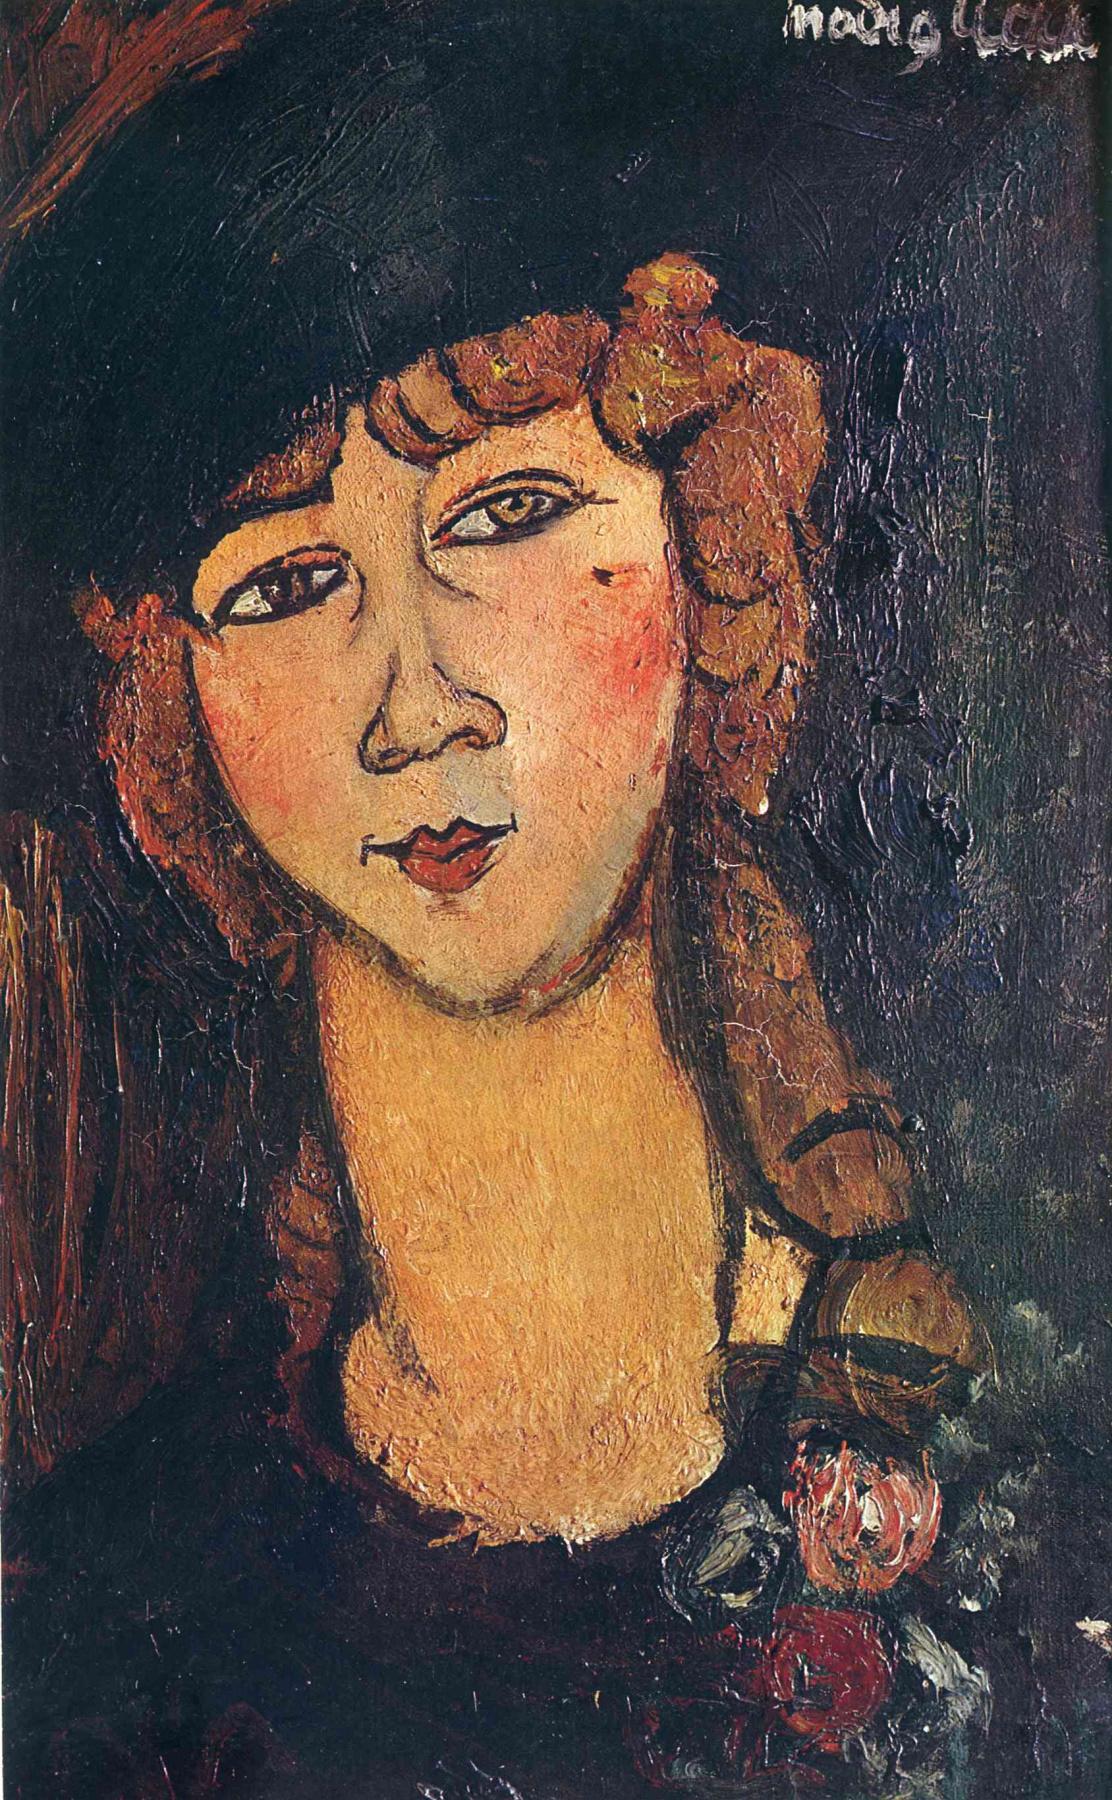 Amedeo Modigliani. Lolot